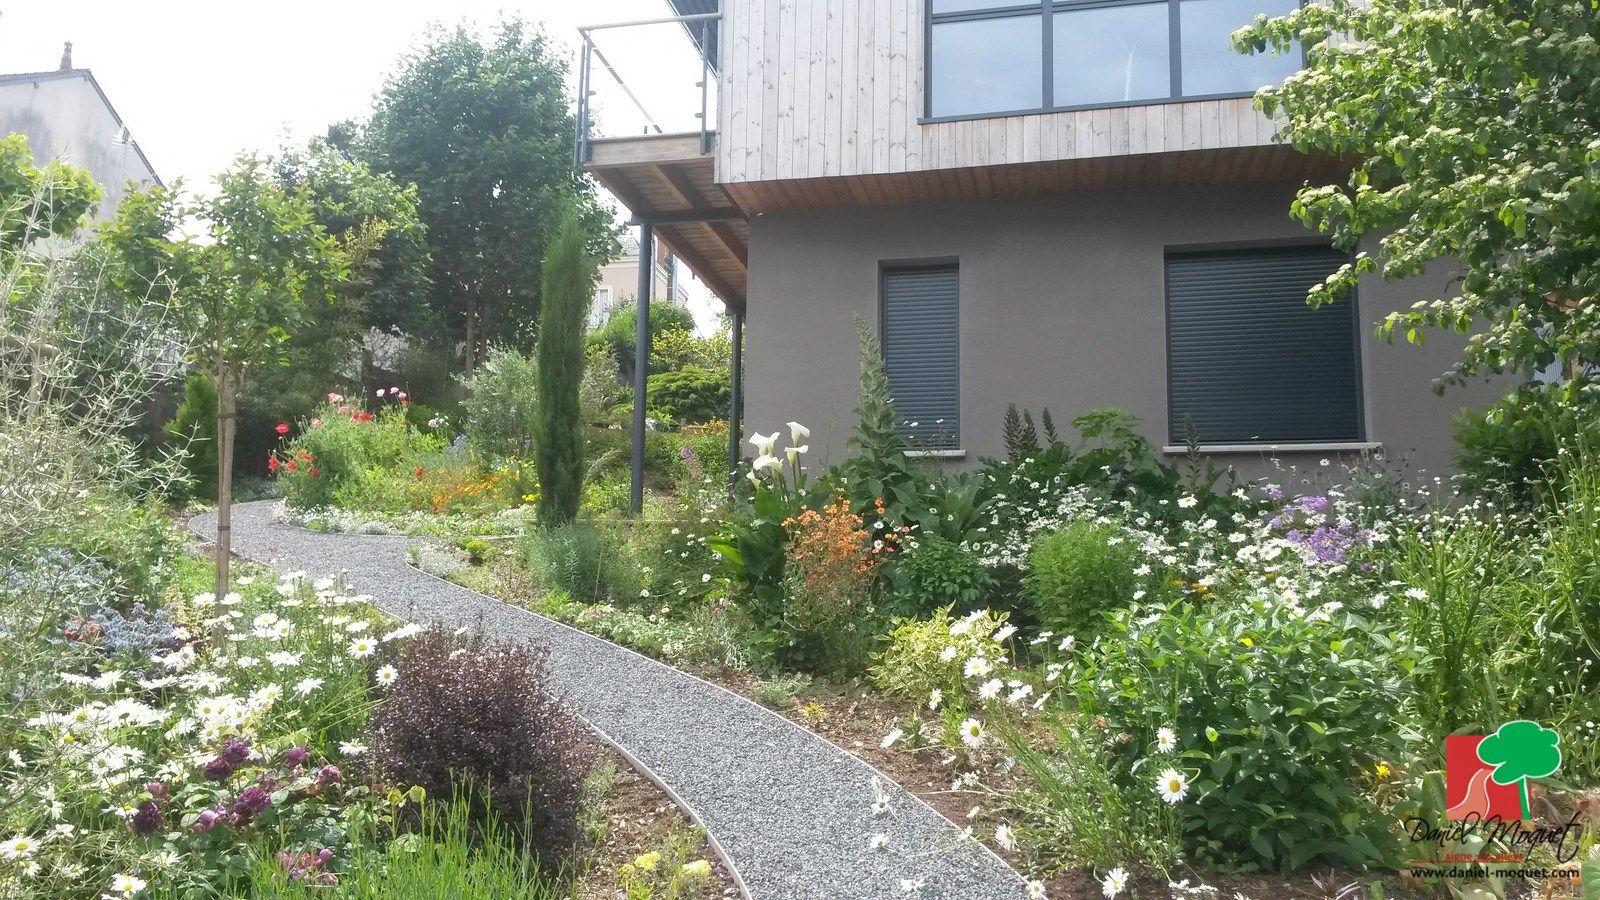 Maison moderne et jardin à l\'anglaise ! Allée en Alvéostar® gris ...